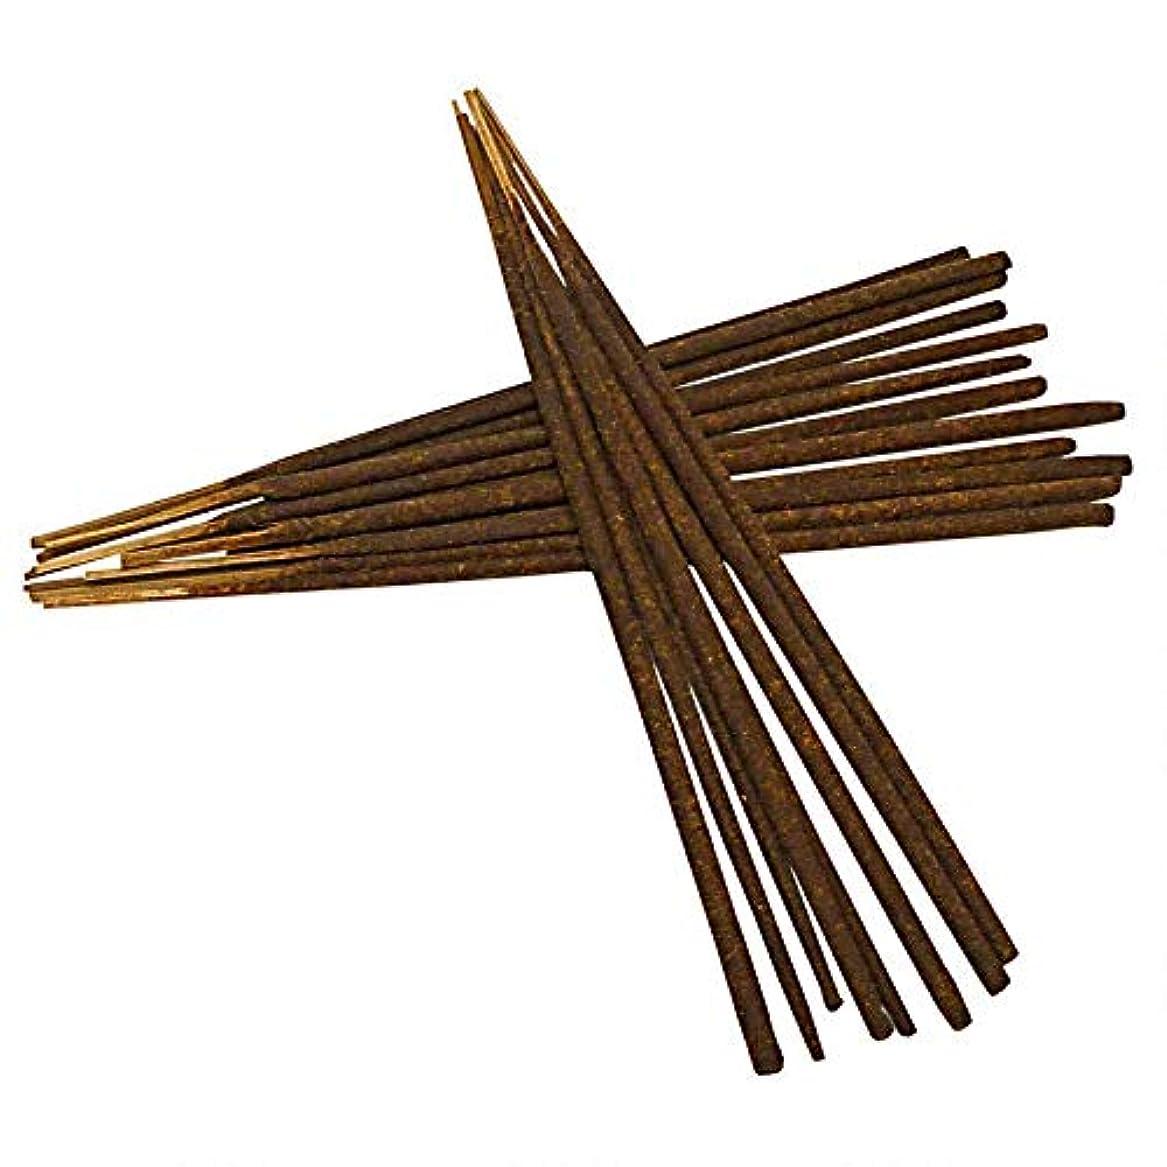 独裁キロメートル意義デザイントスカーノ20 SticksのIncense